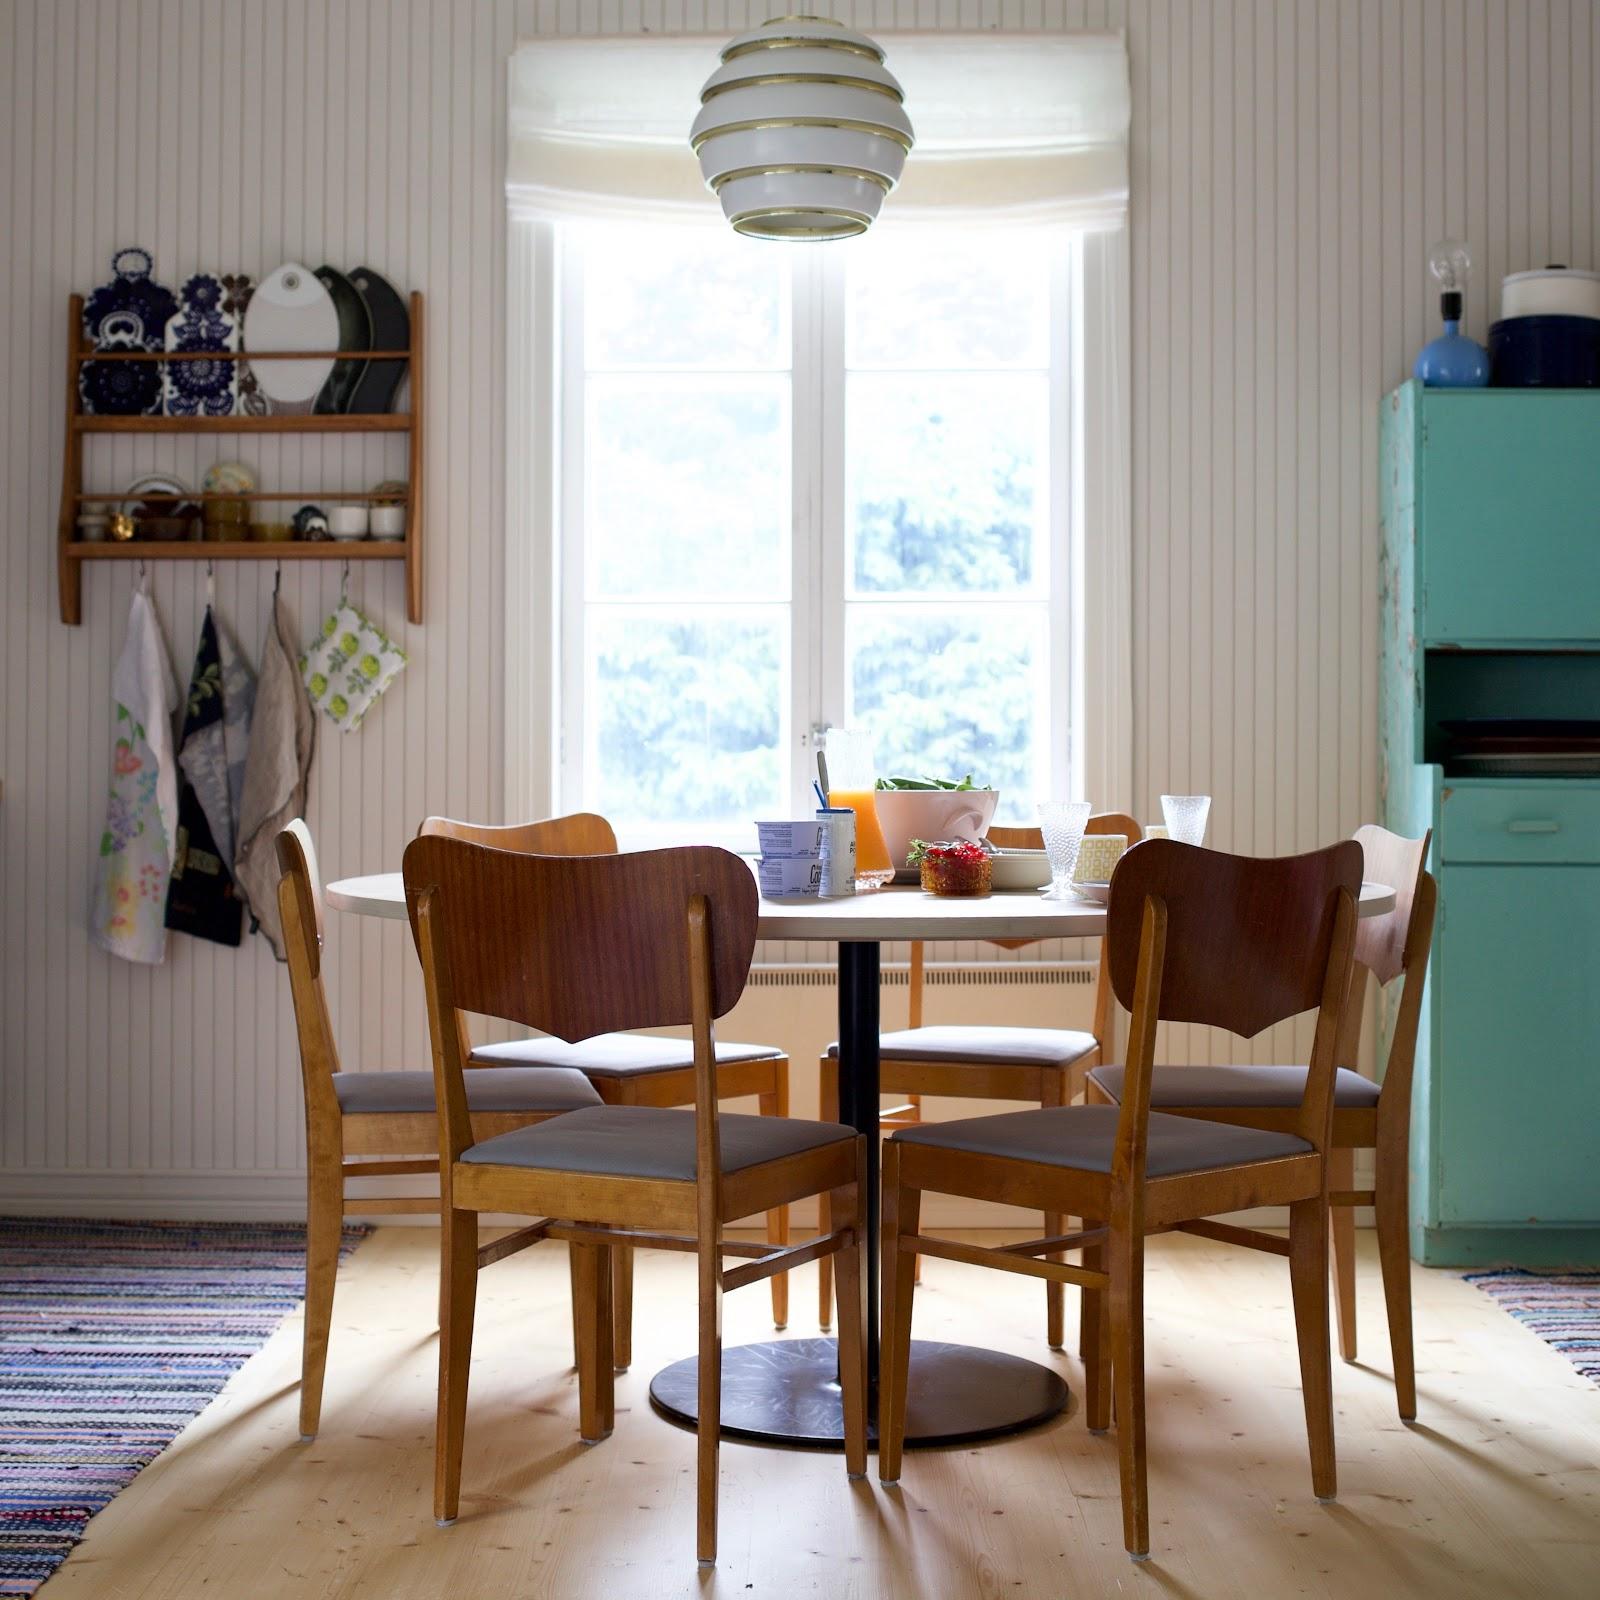 DIY pyöreä ruokapöytä. Iso pyöreä ruokapöytä. Pyöreä ruokapöytä kuudelle. Pyöreä ruokapöytä 150 cm. Pyöreä ruokapöytä trumpettijalka. Pyöreä pöytä yhdellä jalalla. Tee itse ruokapöytä.